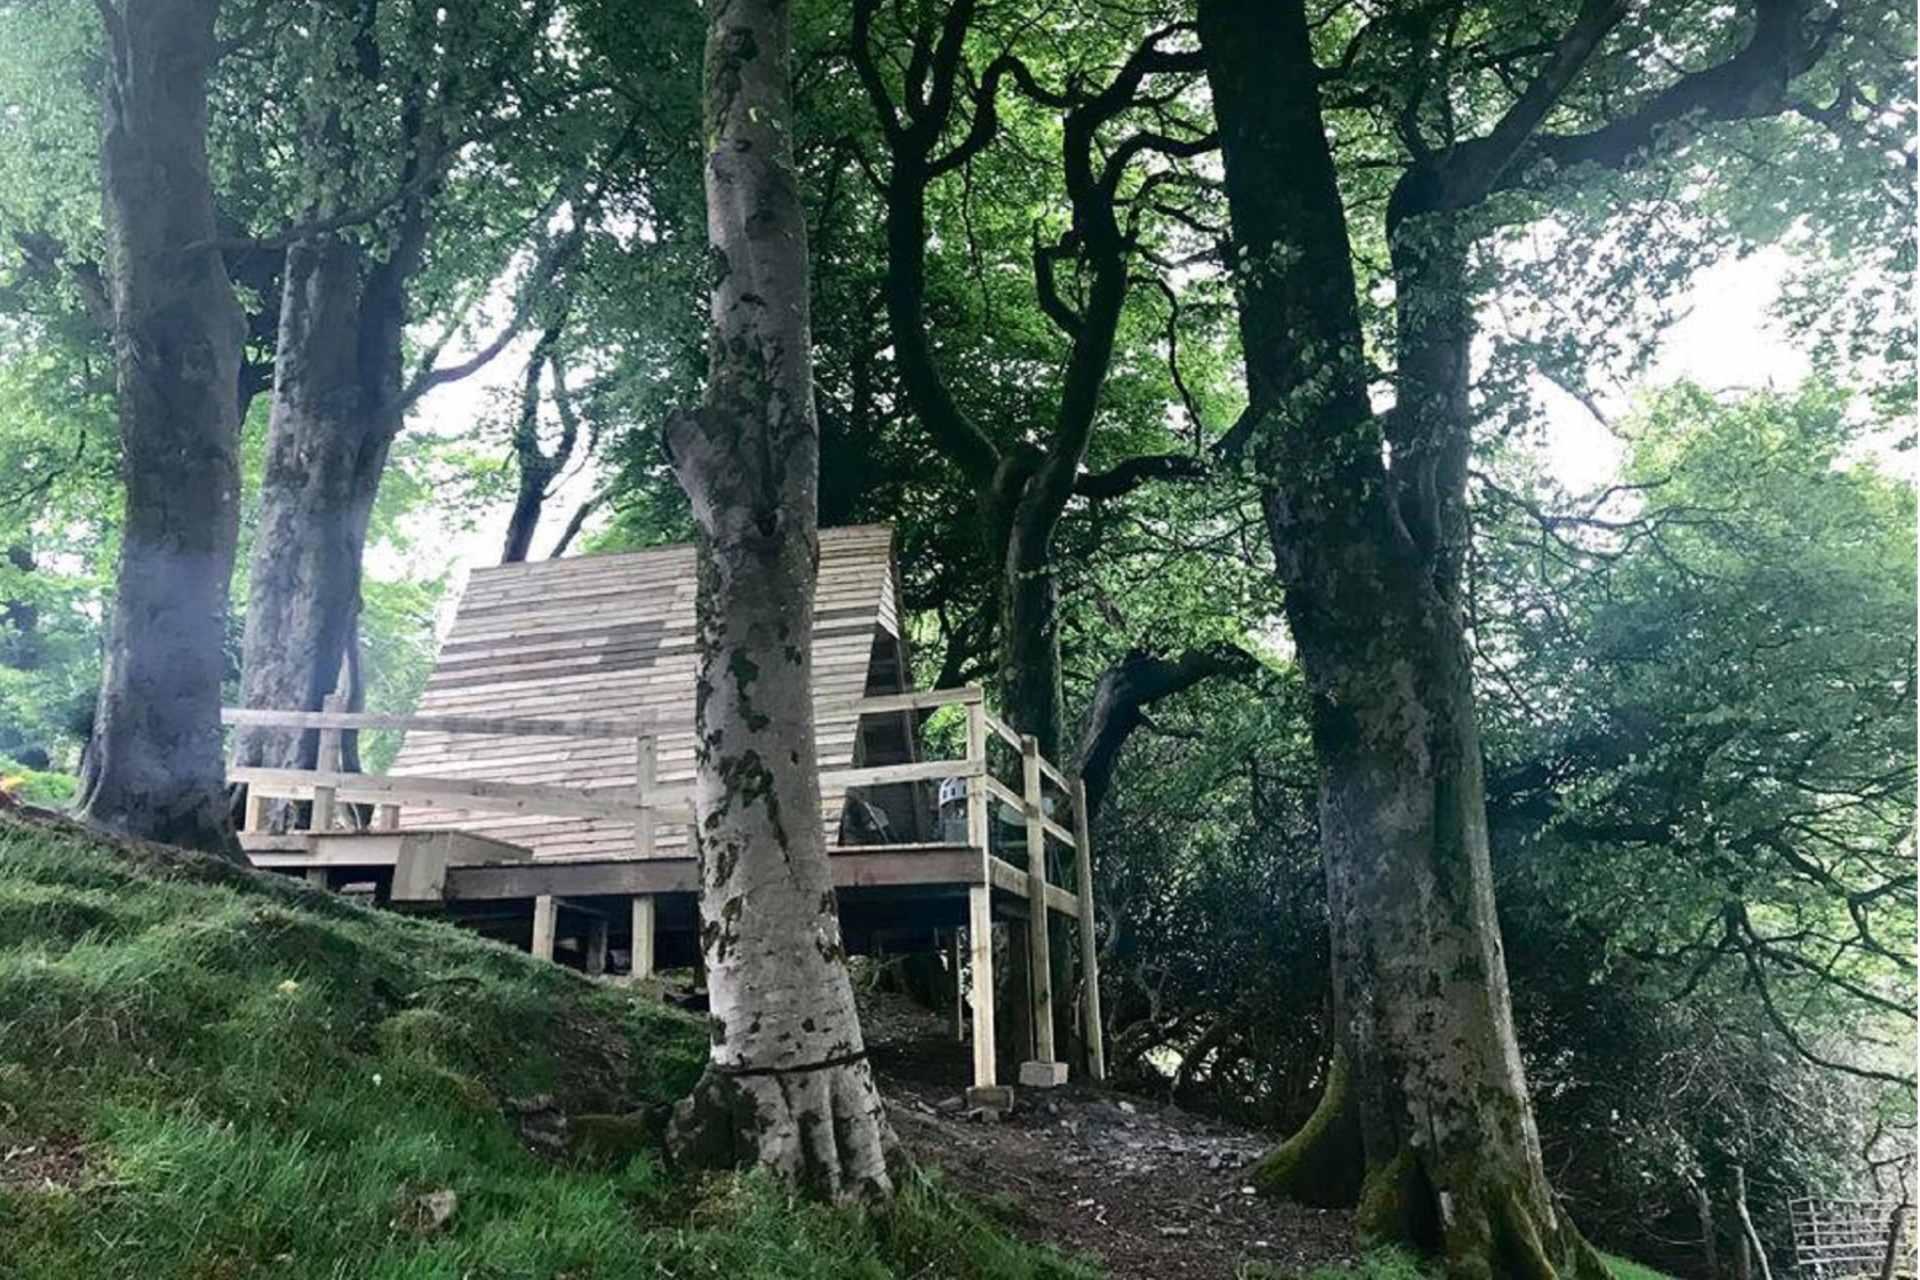 tree-top-pod-at-hafod-hall-amongst-trees-on-slope